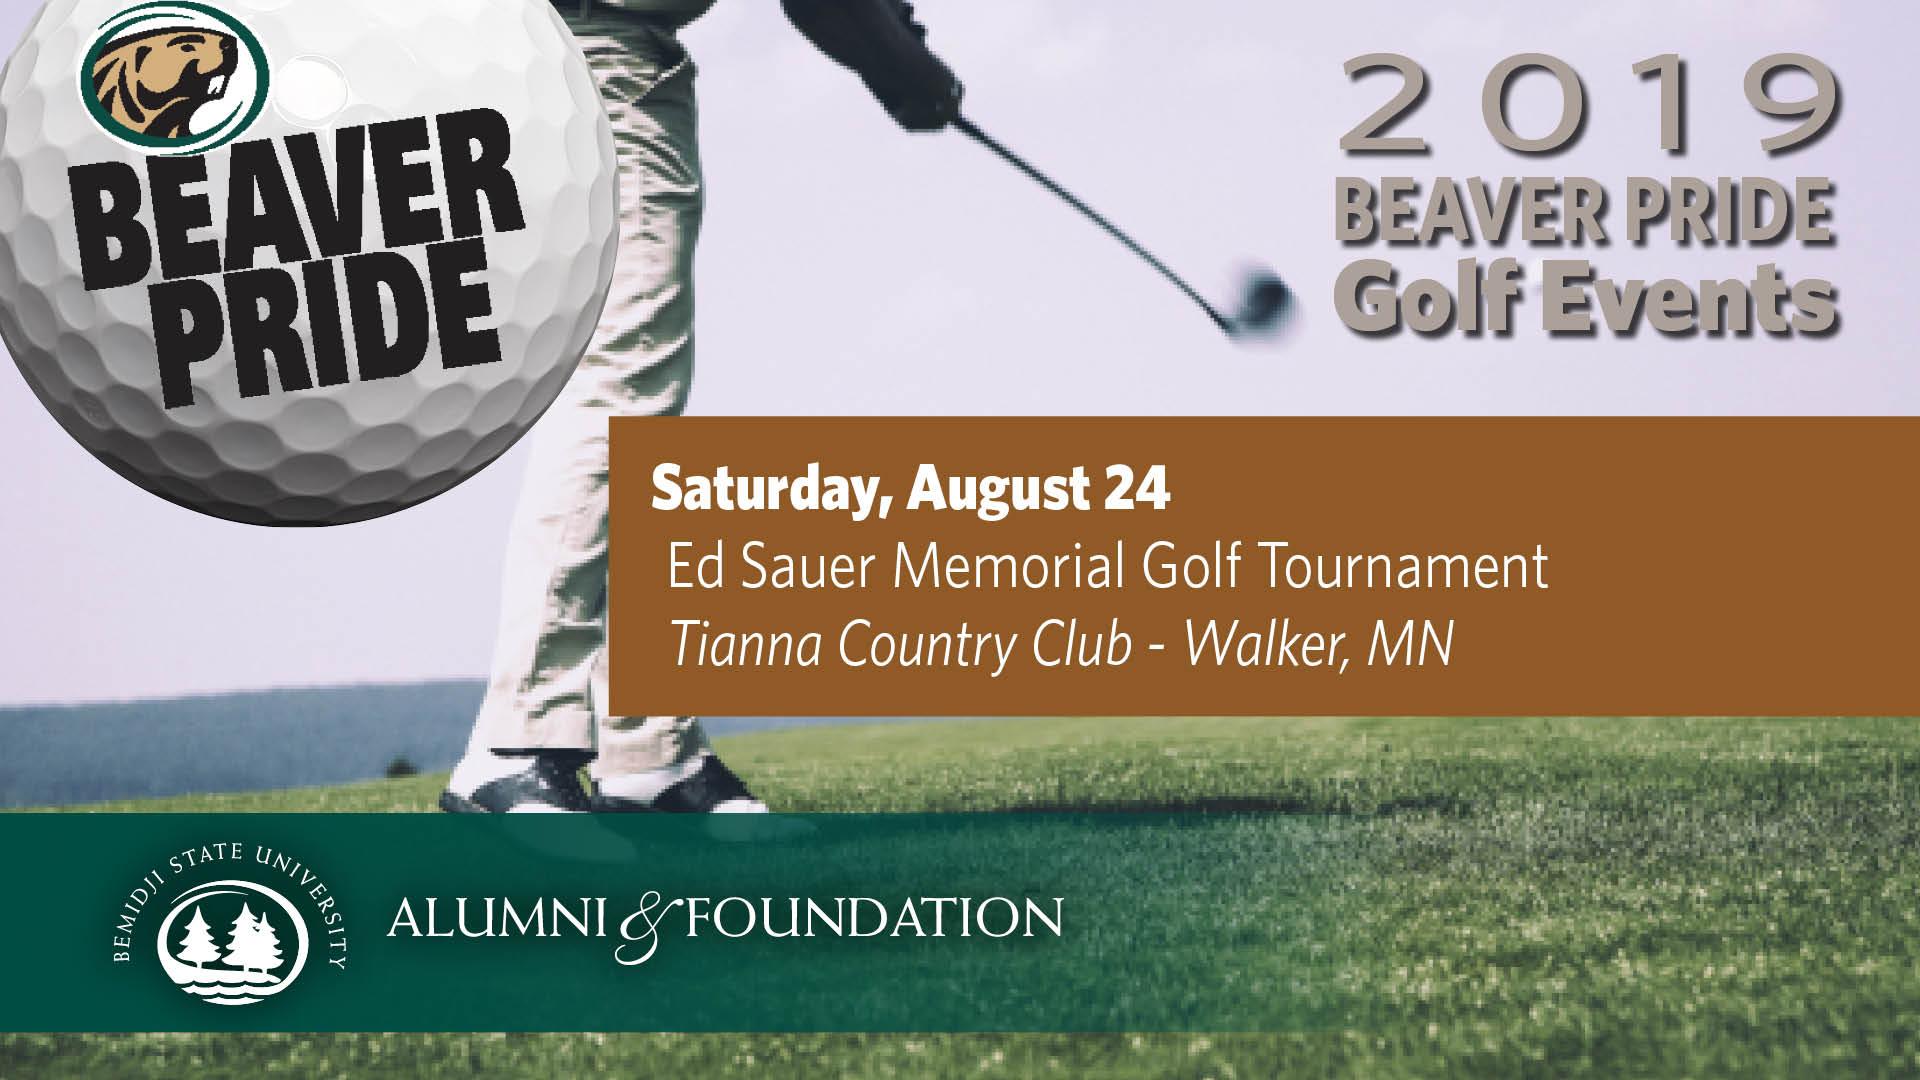 Golf Beaver Pride: Ed Sauer Memorial Golf Tournament